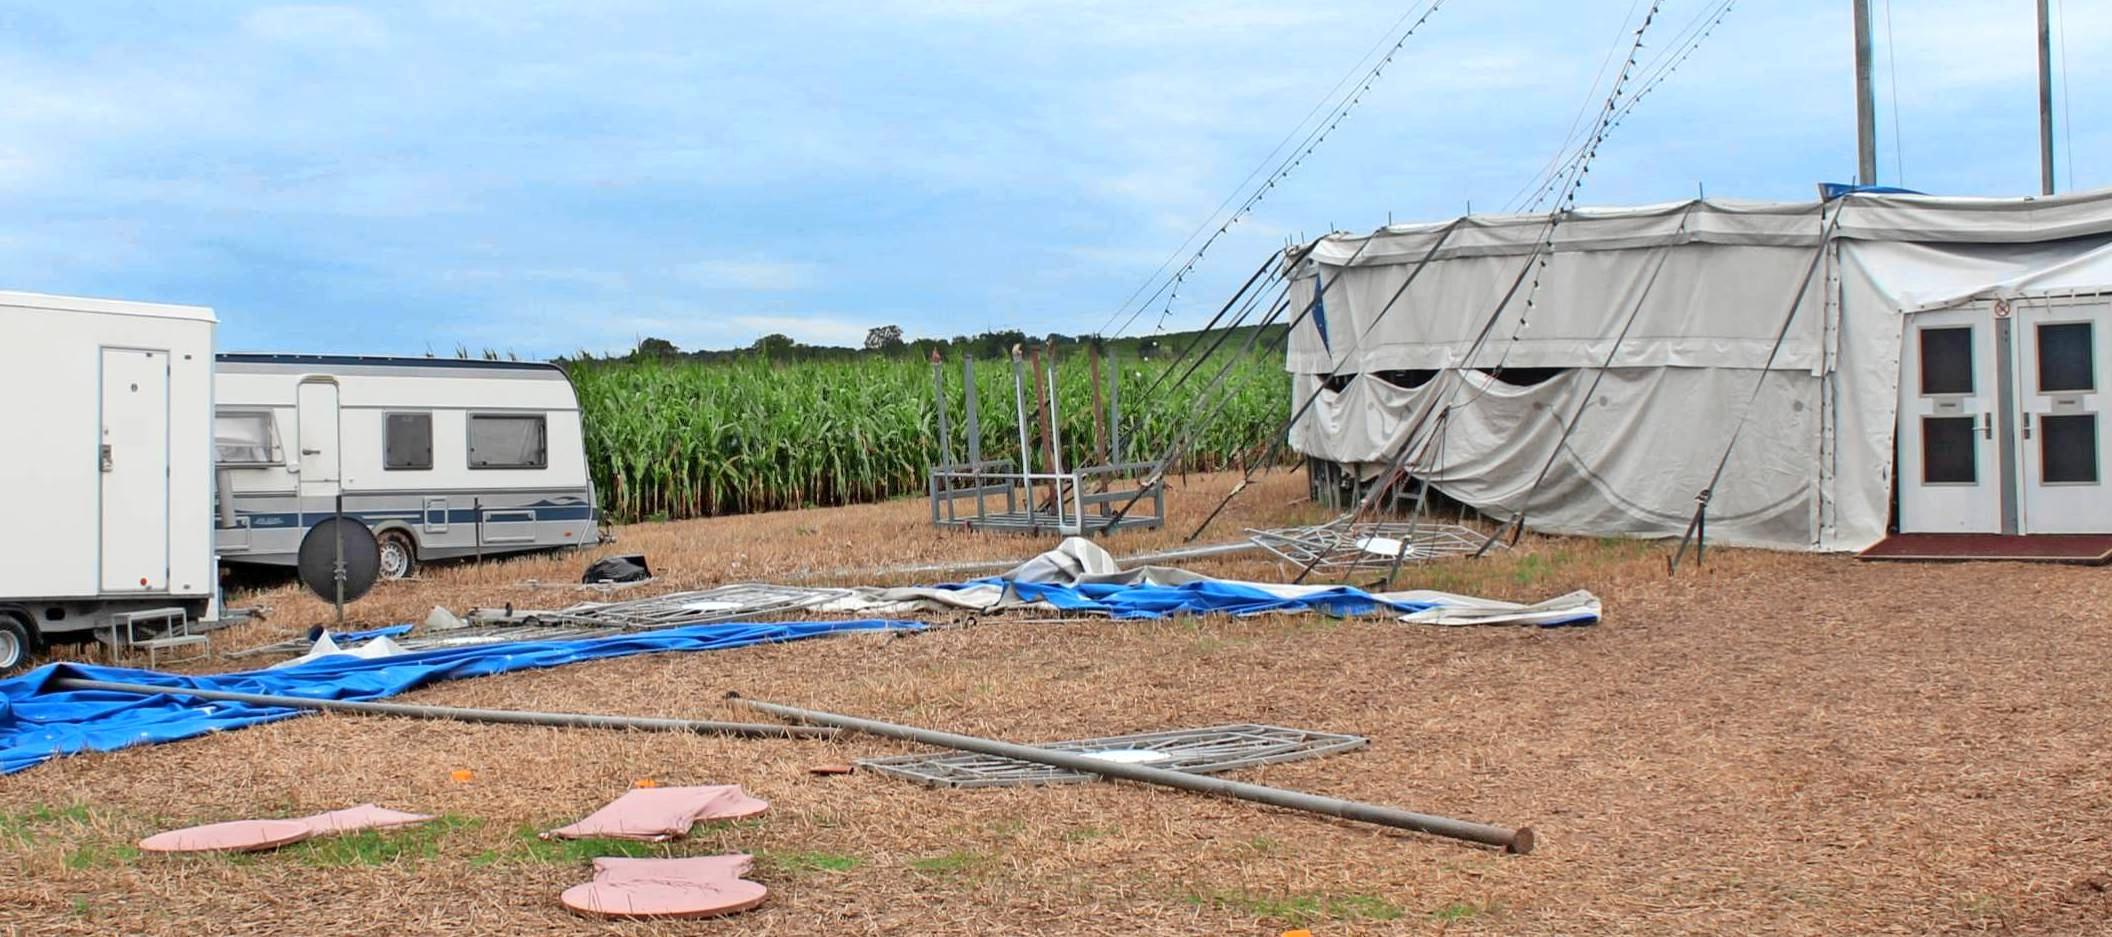 Schwer getroffen wurde der Familienzirkus Althoff: Der Sturm hat unter anderem das Tier- und das Zuschauerzelt vollkommen zerstört. Fotos: Heike Kinkopf